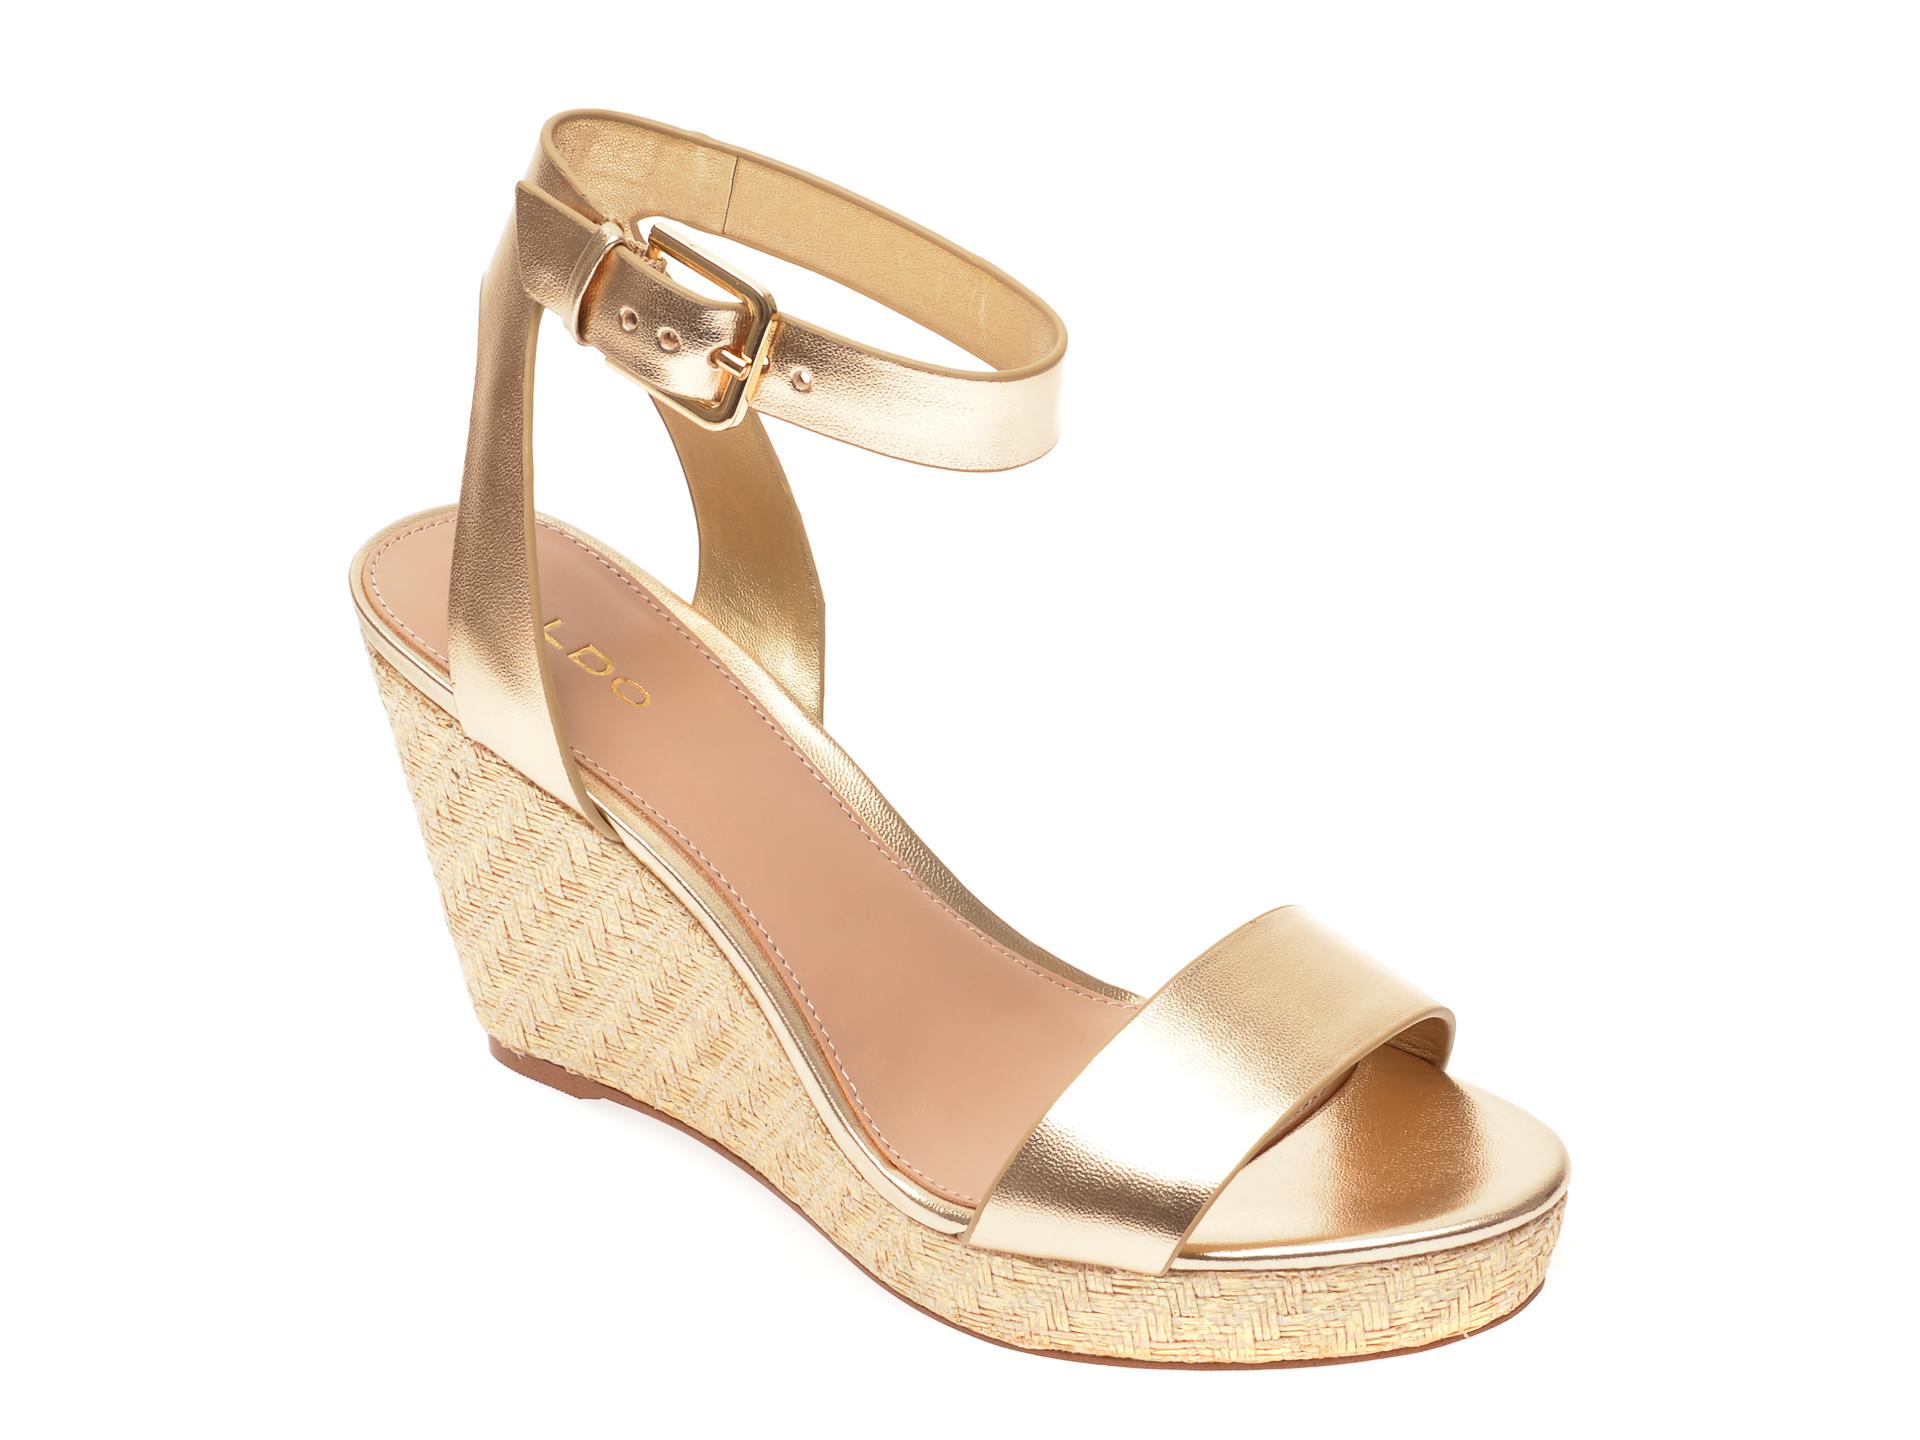 Sandale ALDO aurii, Unaliviel710, din piele ecologica